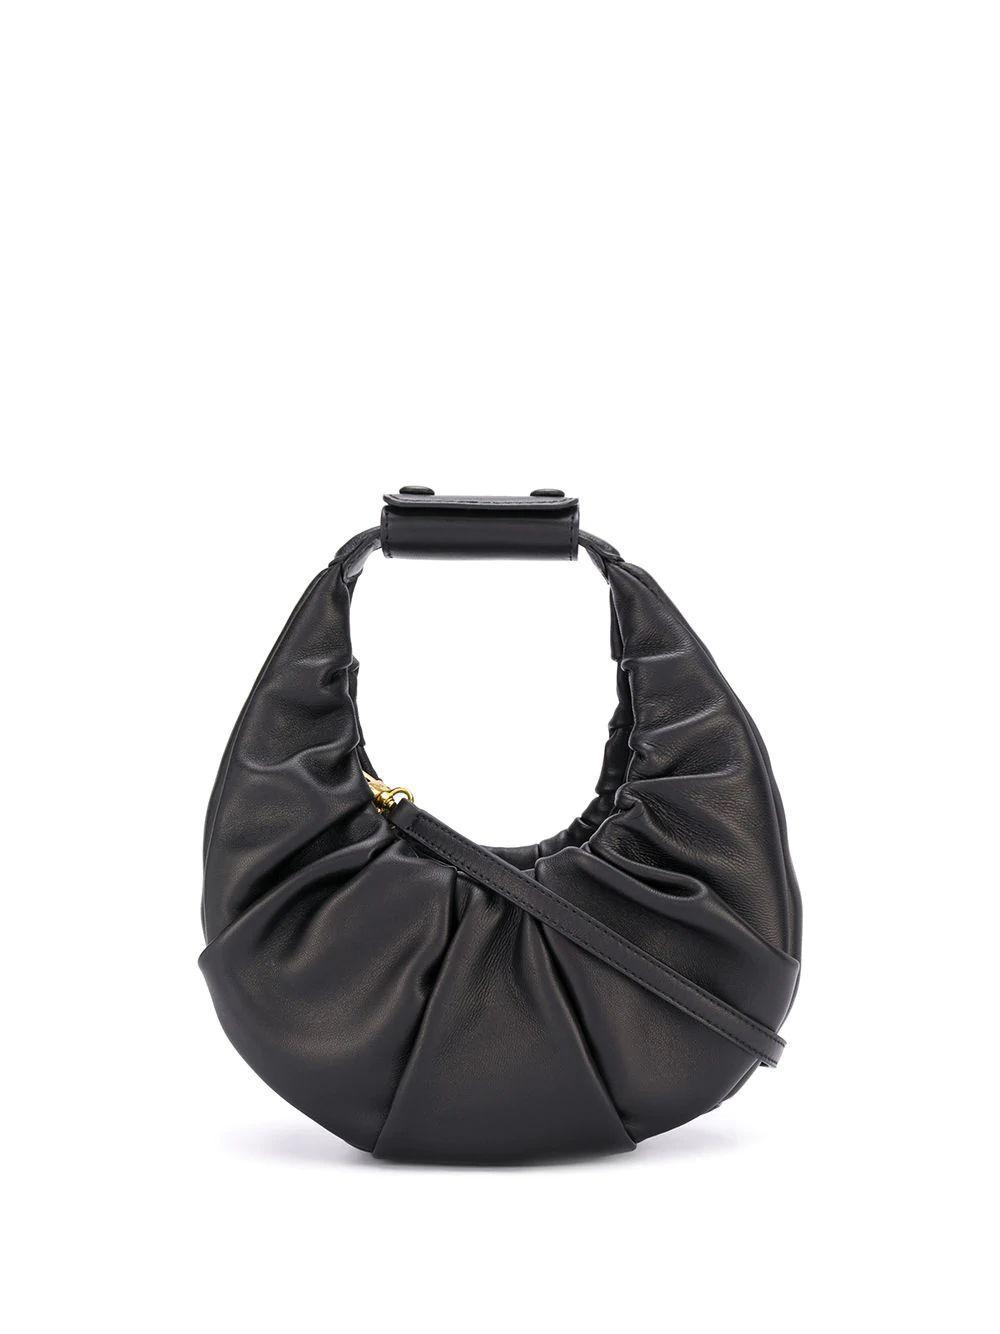 Moon Tote Bag Item # 207-9290